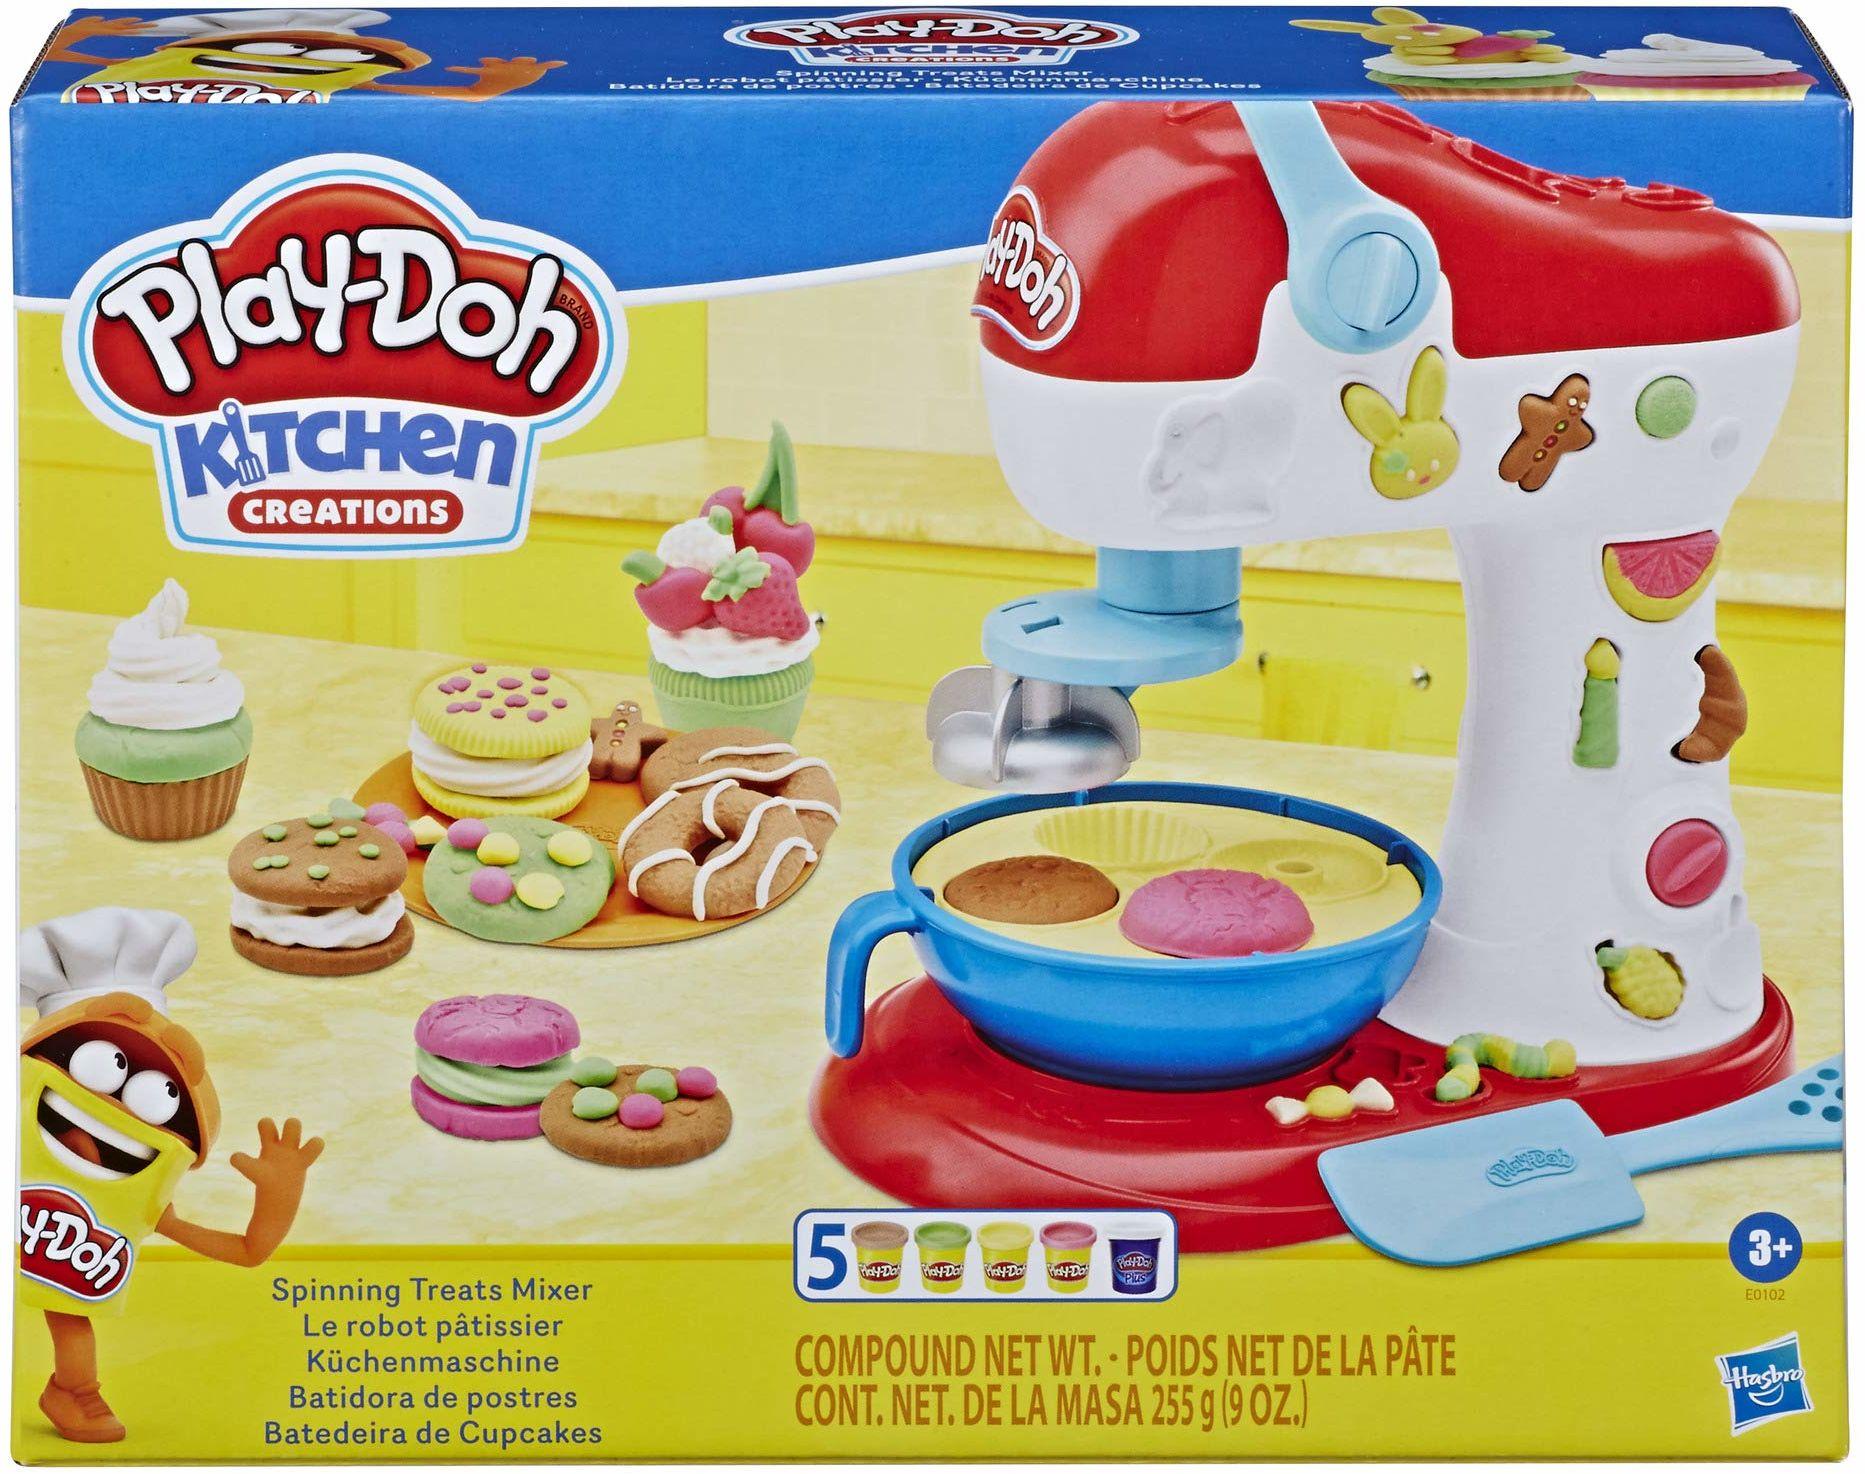 Play Doh Kitchen Mikser, zabawkowy przyrząd kuchenny dla dzieci w wieku od 3 lat z nietoksyczną ciastoliną Play-Doh w 6 kolorach